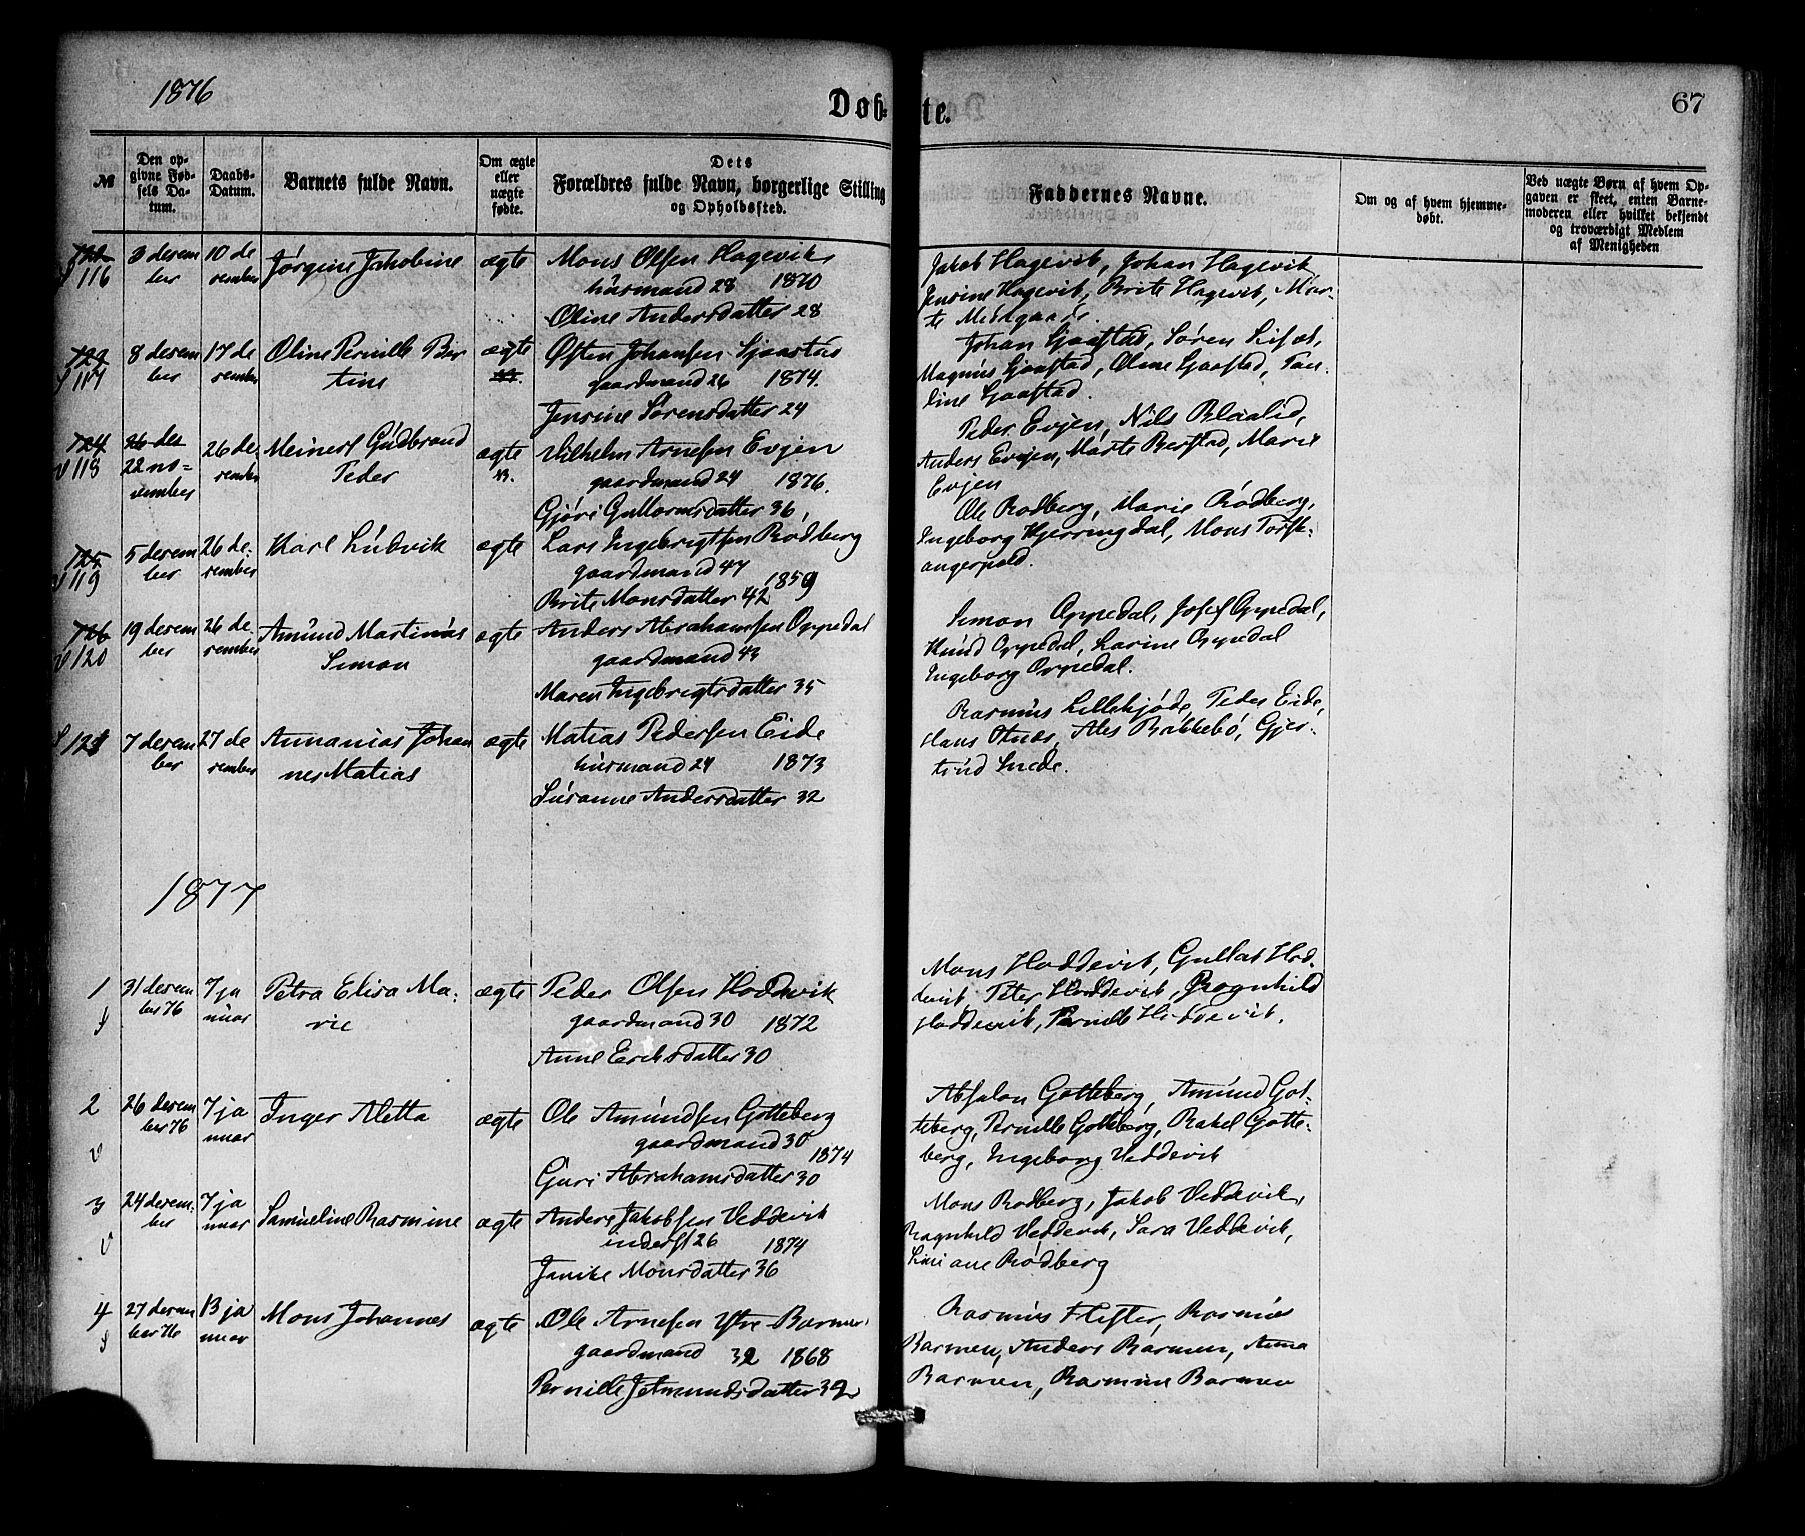 SAB, Selje sokneprestembete*, Ministerialbok nr. A 12, 1870-1880, s. 67